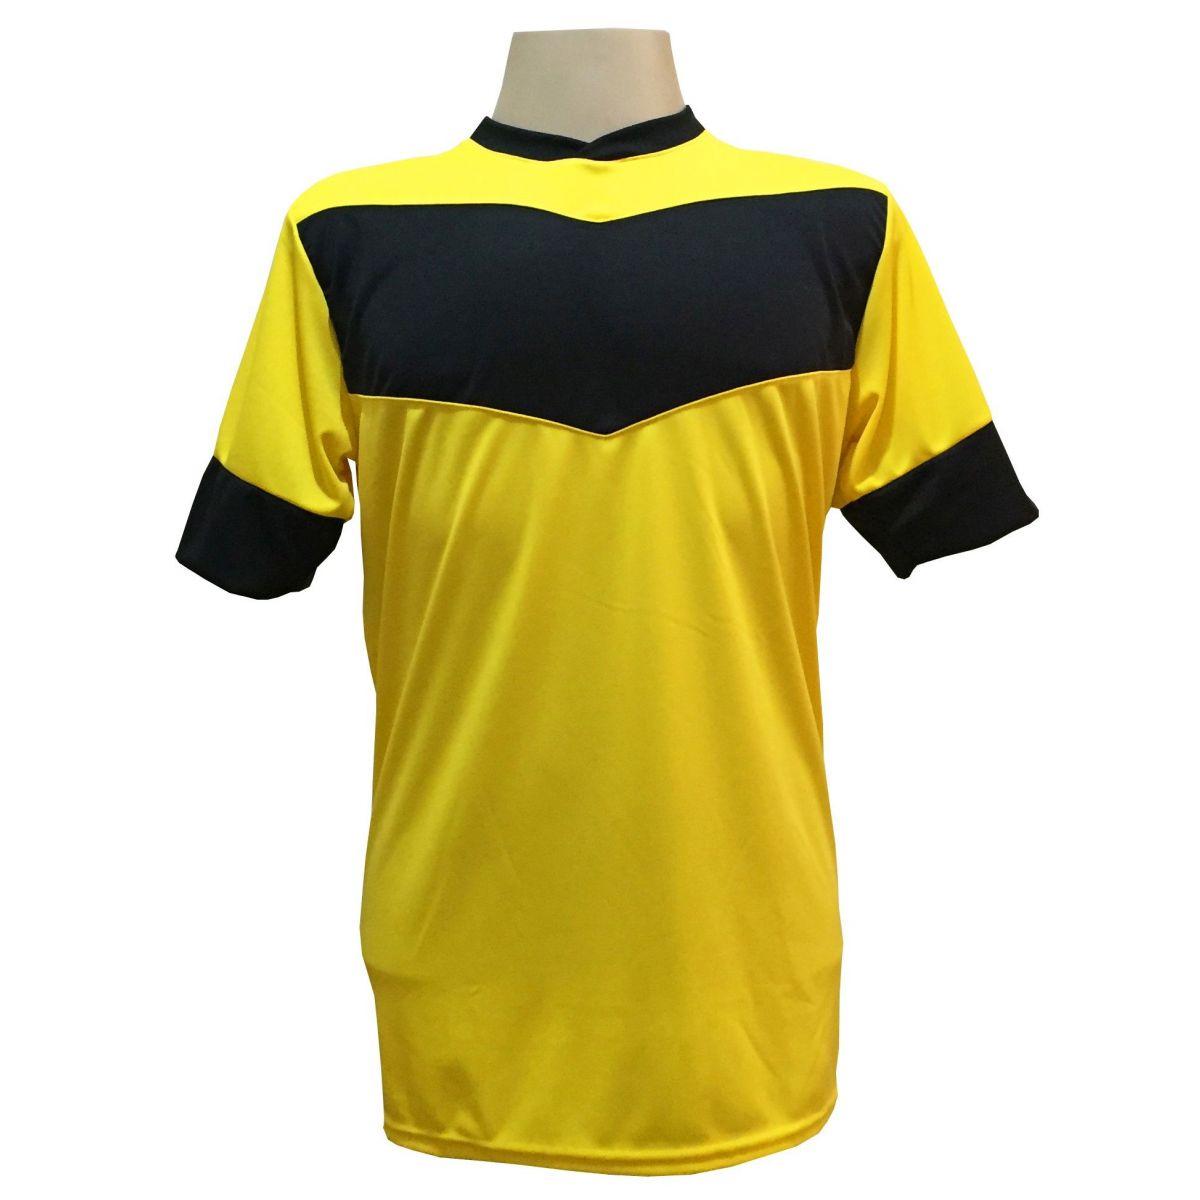 Fardamento Completo modelo Columbus 18+2 (18 Camisas Amarelo/Preto + 18 Calções Madrid Preto + 18 Pares de Meiões Pretos + 2 Conjuntos de Goleiro) + Brindes